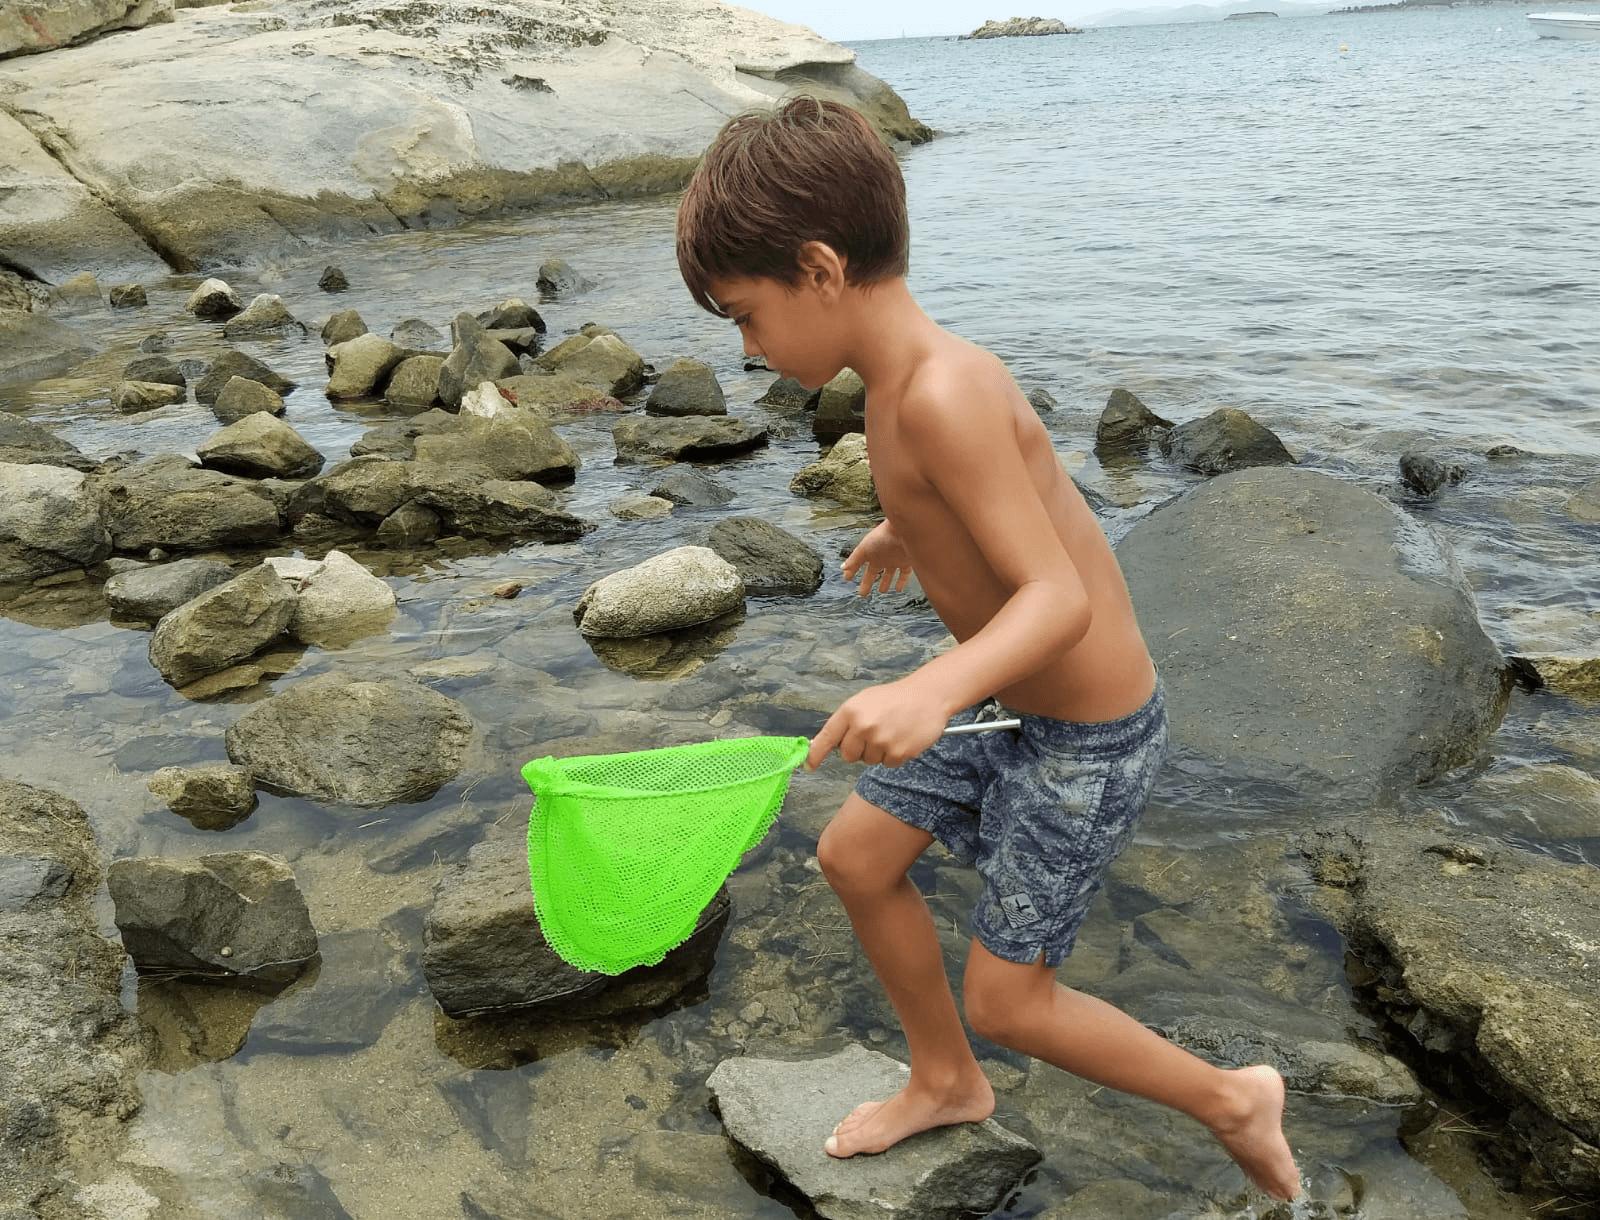 ילד בחוף Kalogria, חלקידיקי